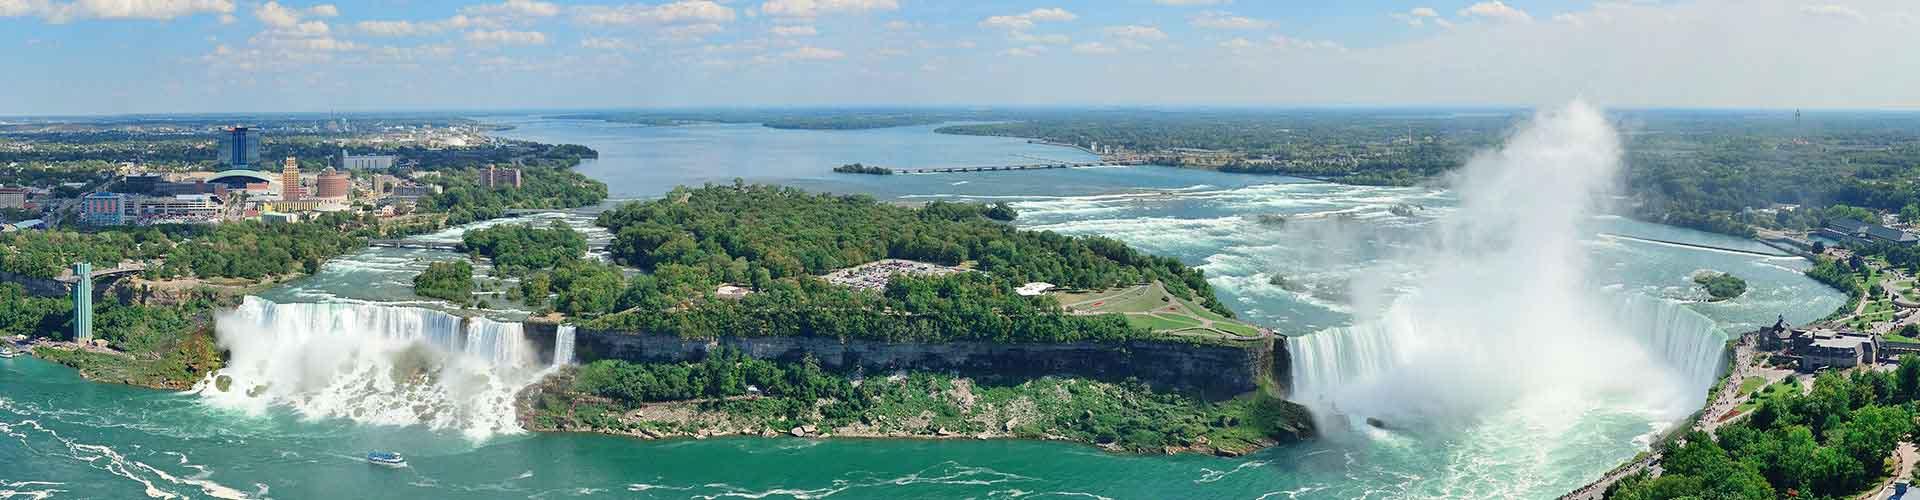 Niagara Falls - Appartments à Niagara Falls. Cartes pour Niagara Falls, photos et commentaires pour chaque appartement à Niagara Falls.